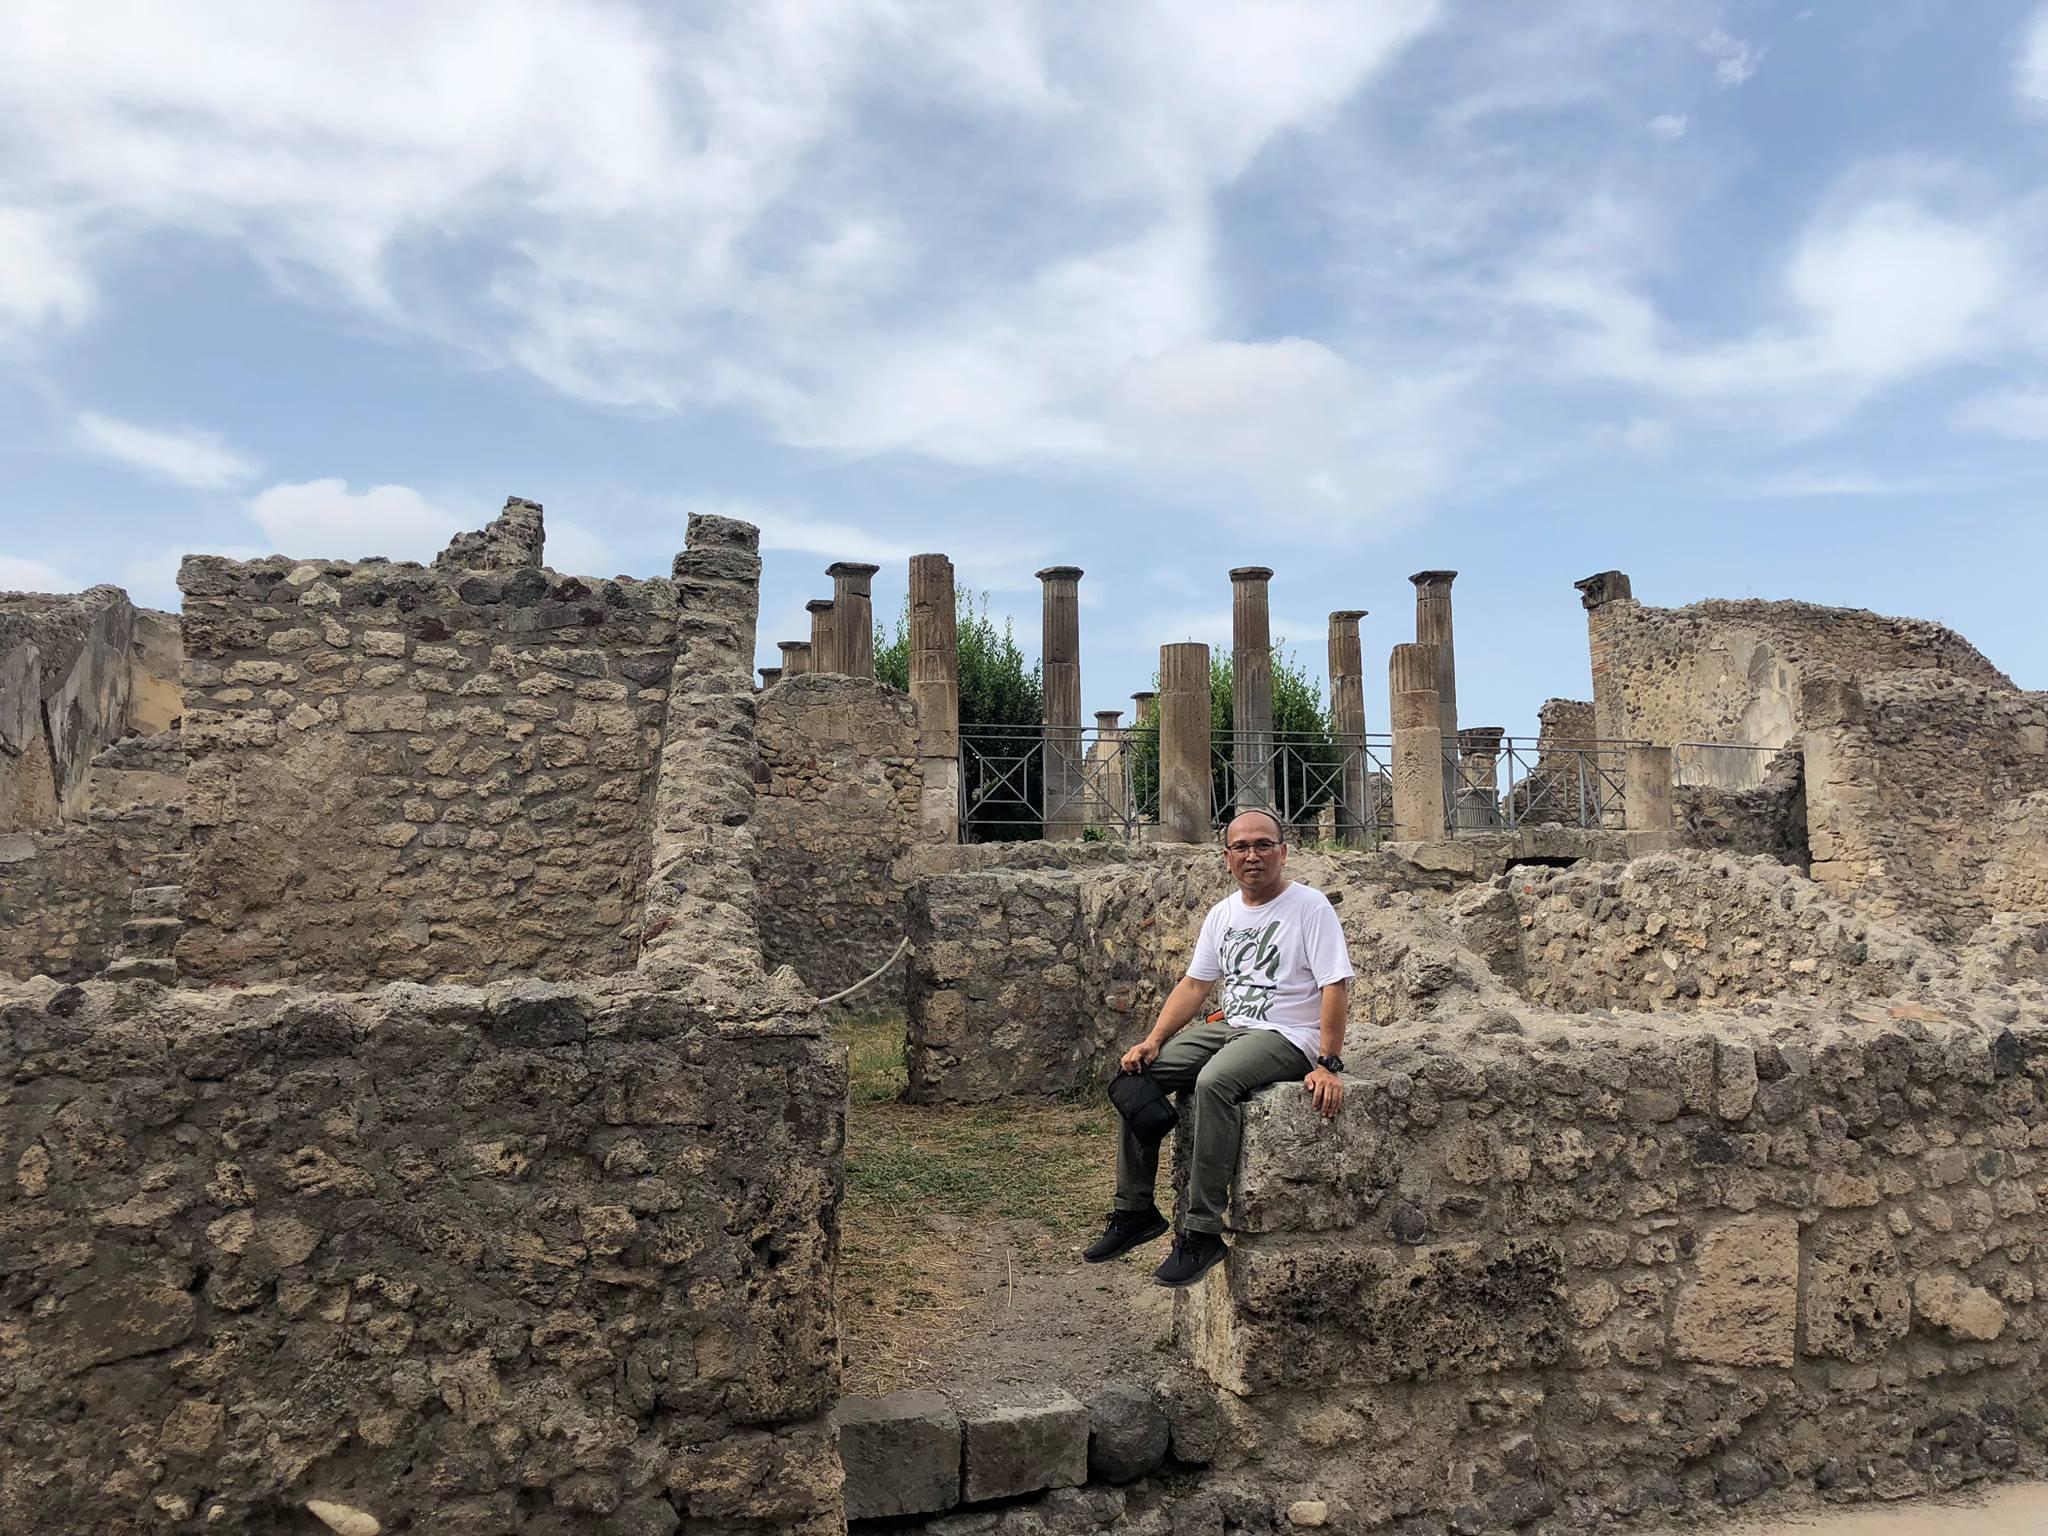 Pompeii, Reruntuhan Kota Kuno yang Menakjubkan